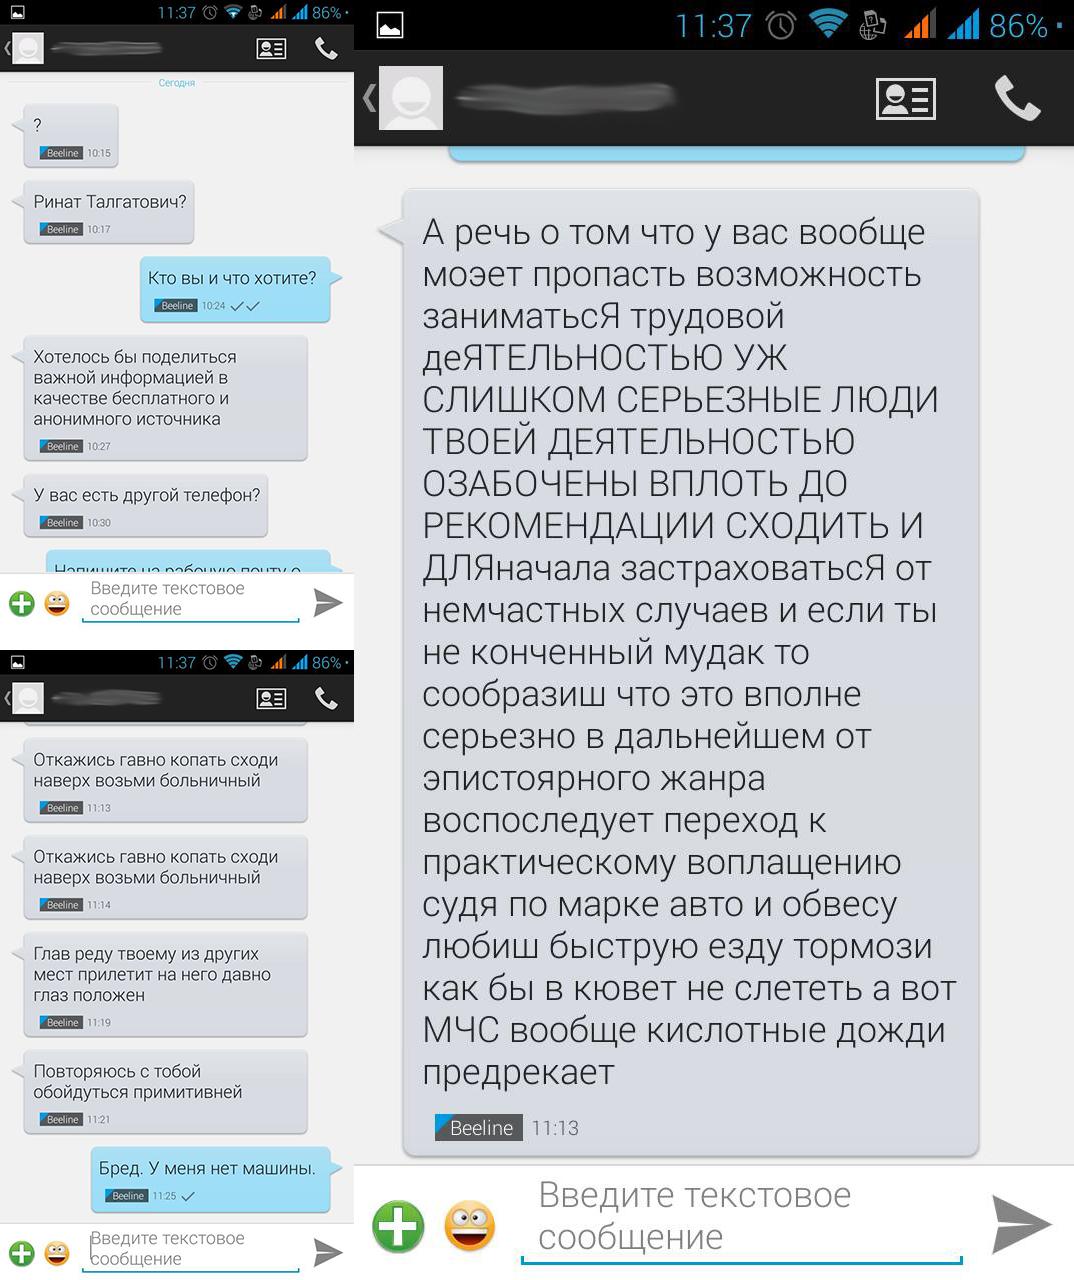 Корреспондент  «Ведомостей» обратился вполицию из-за СМС с опасностями